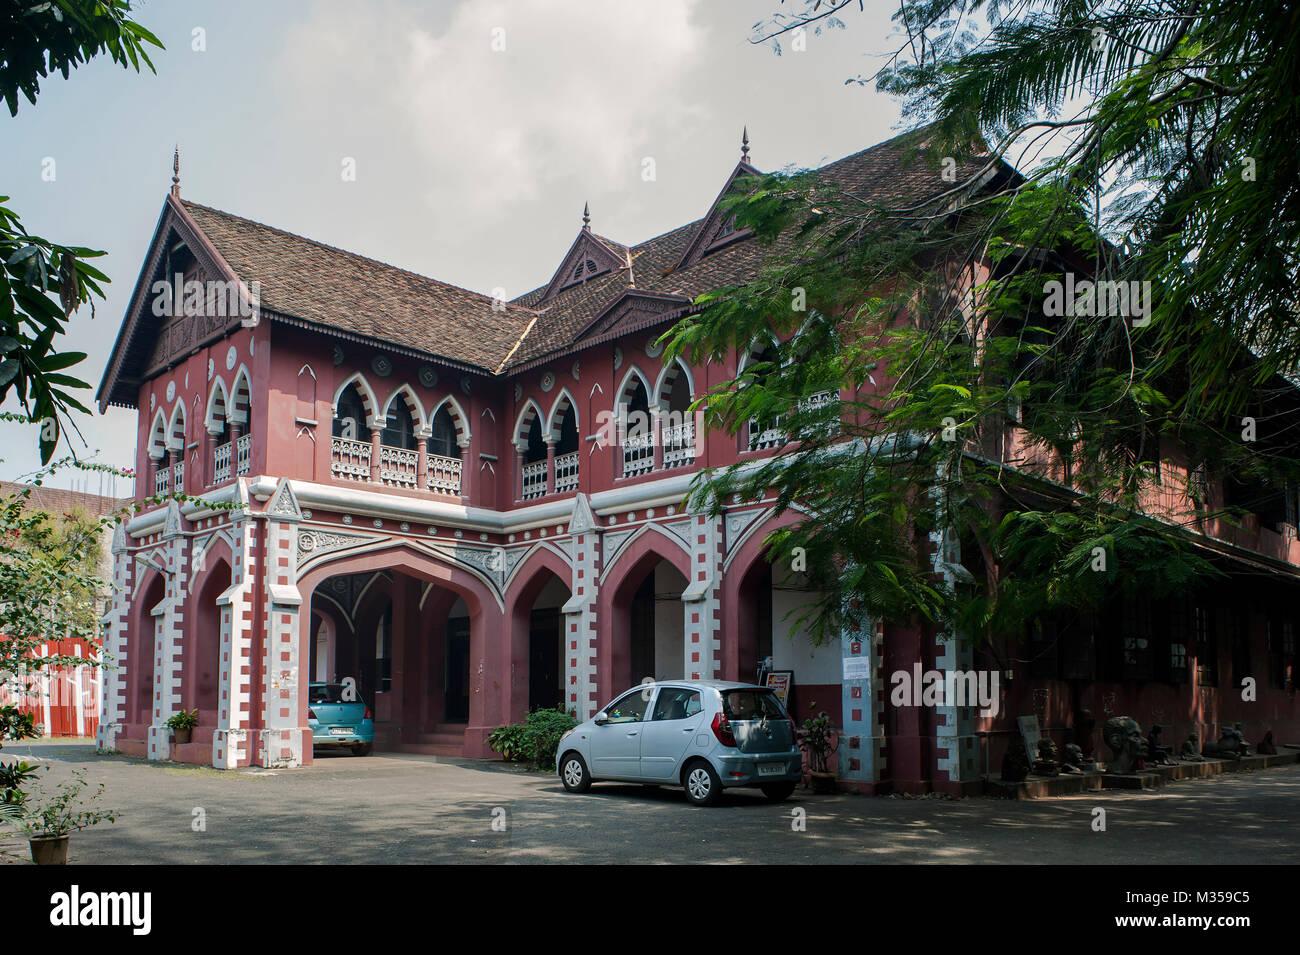 Hochschule für Bildende Künste, Trivandrum, Kerala, Indien, Asien Stockbild